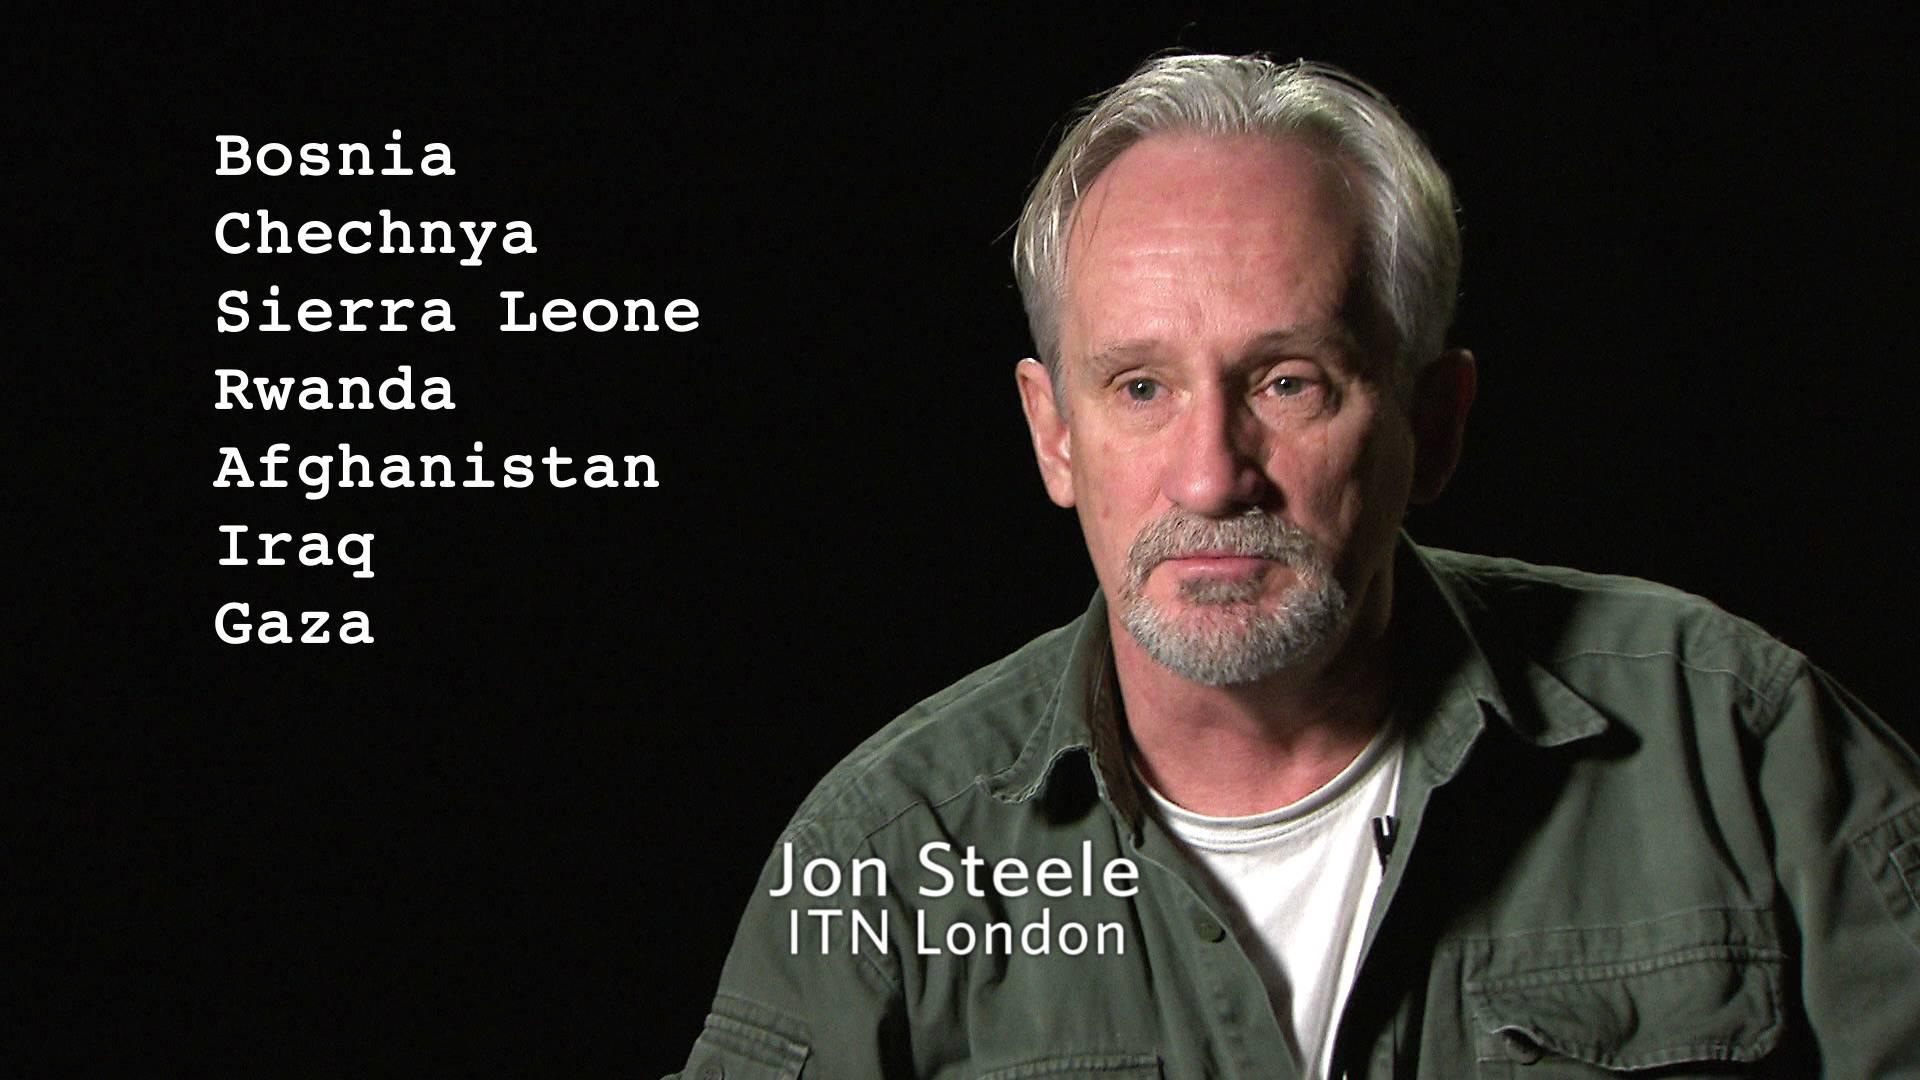 Jon Steele - ITV